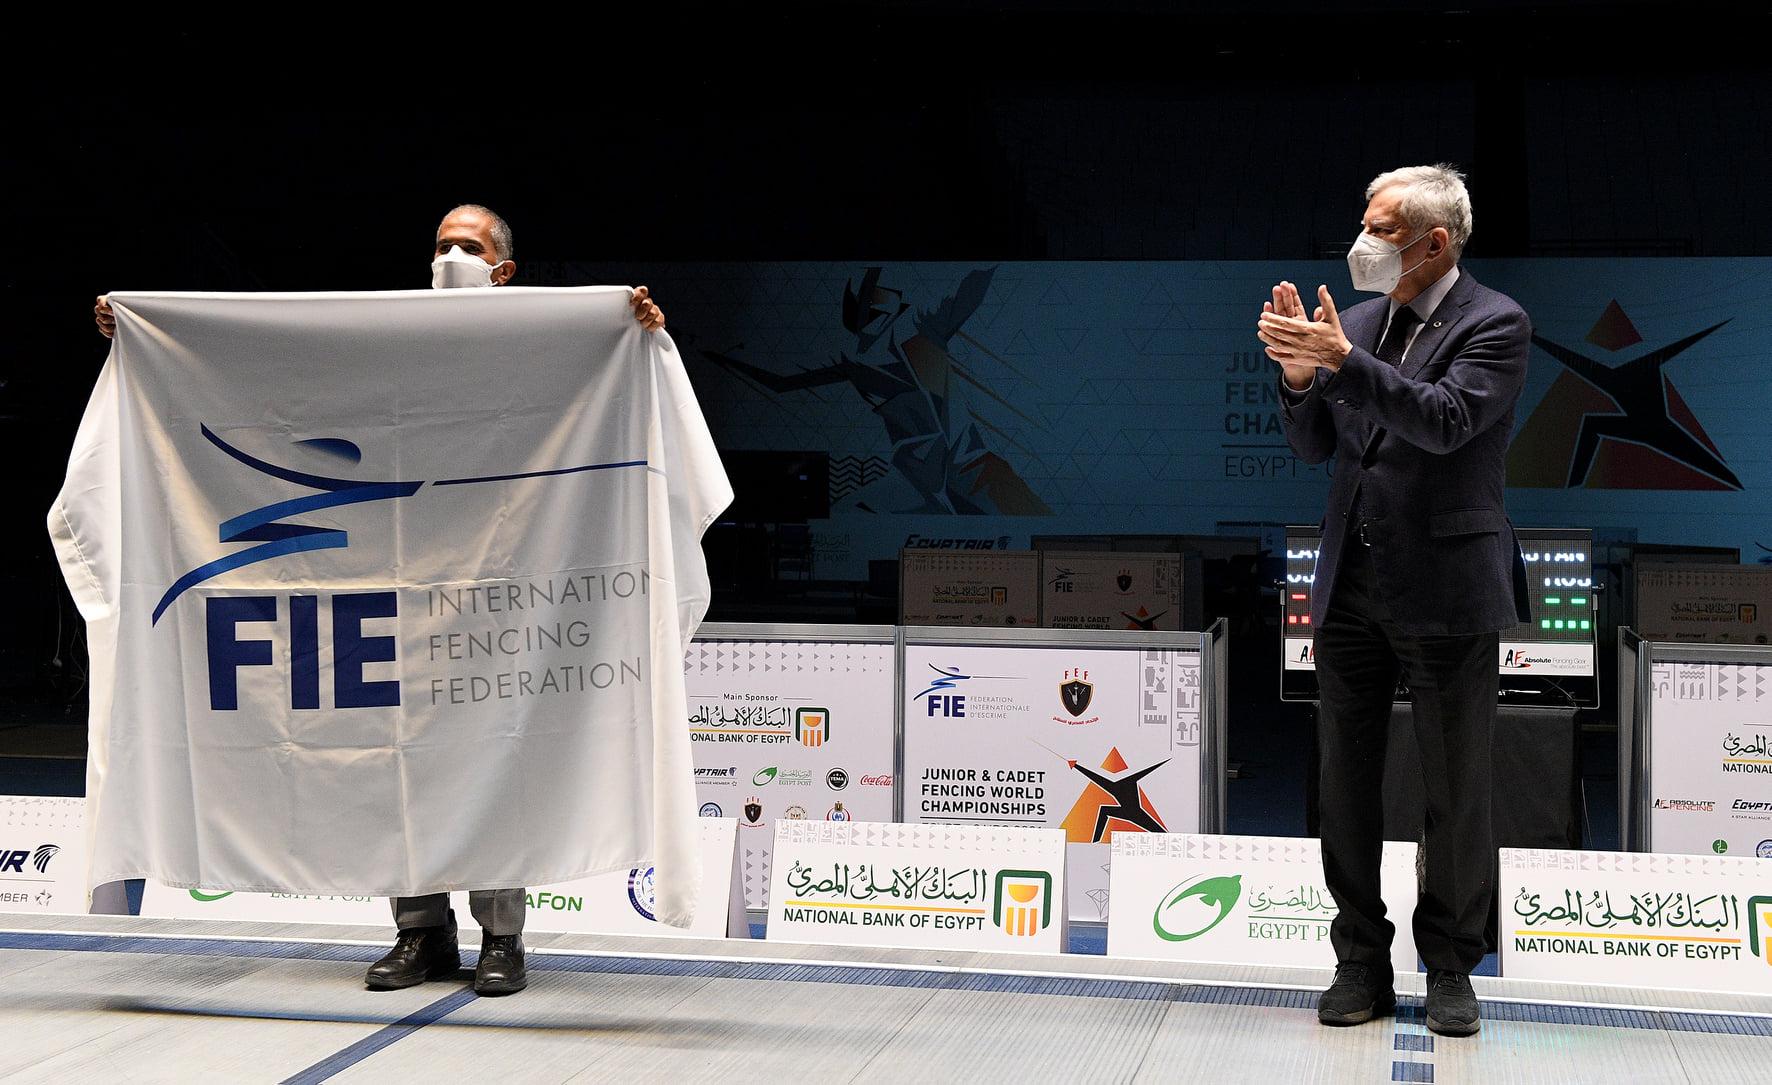 الإمارات تتسلم رسميا علم استضافة بطولة العالم للشباب والناشئين للمبارزة 2022